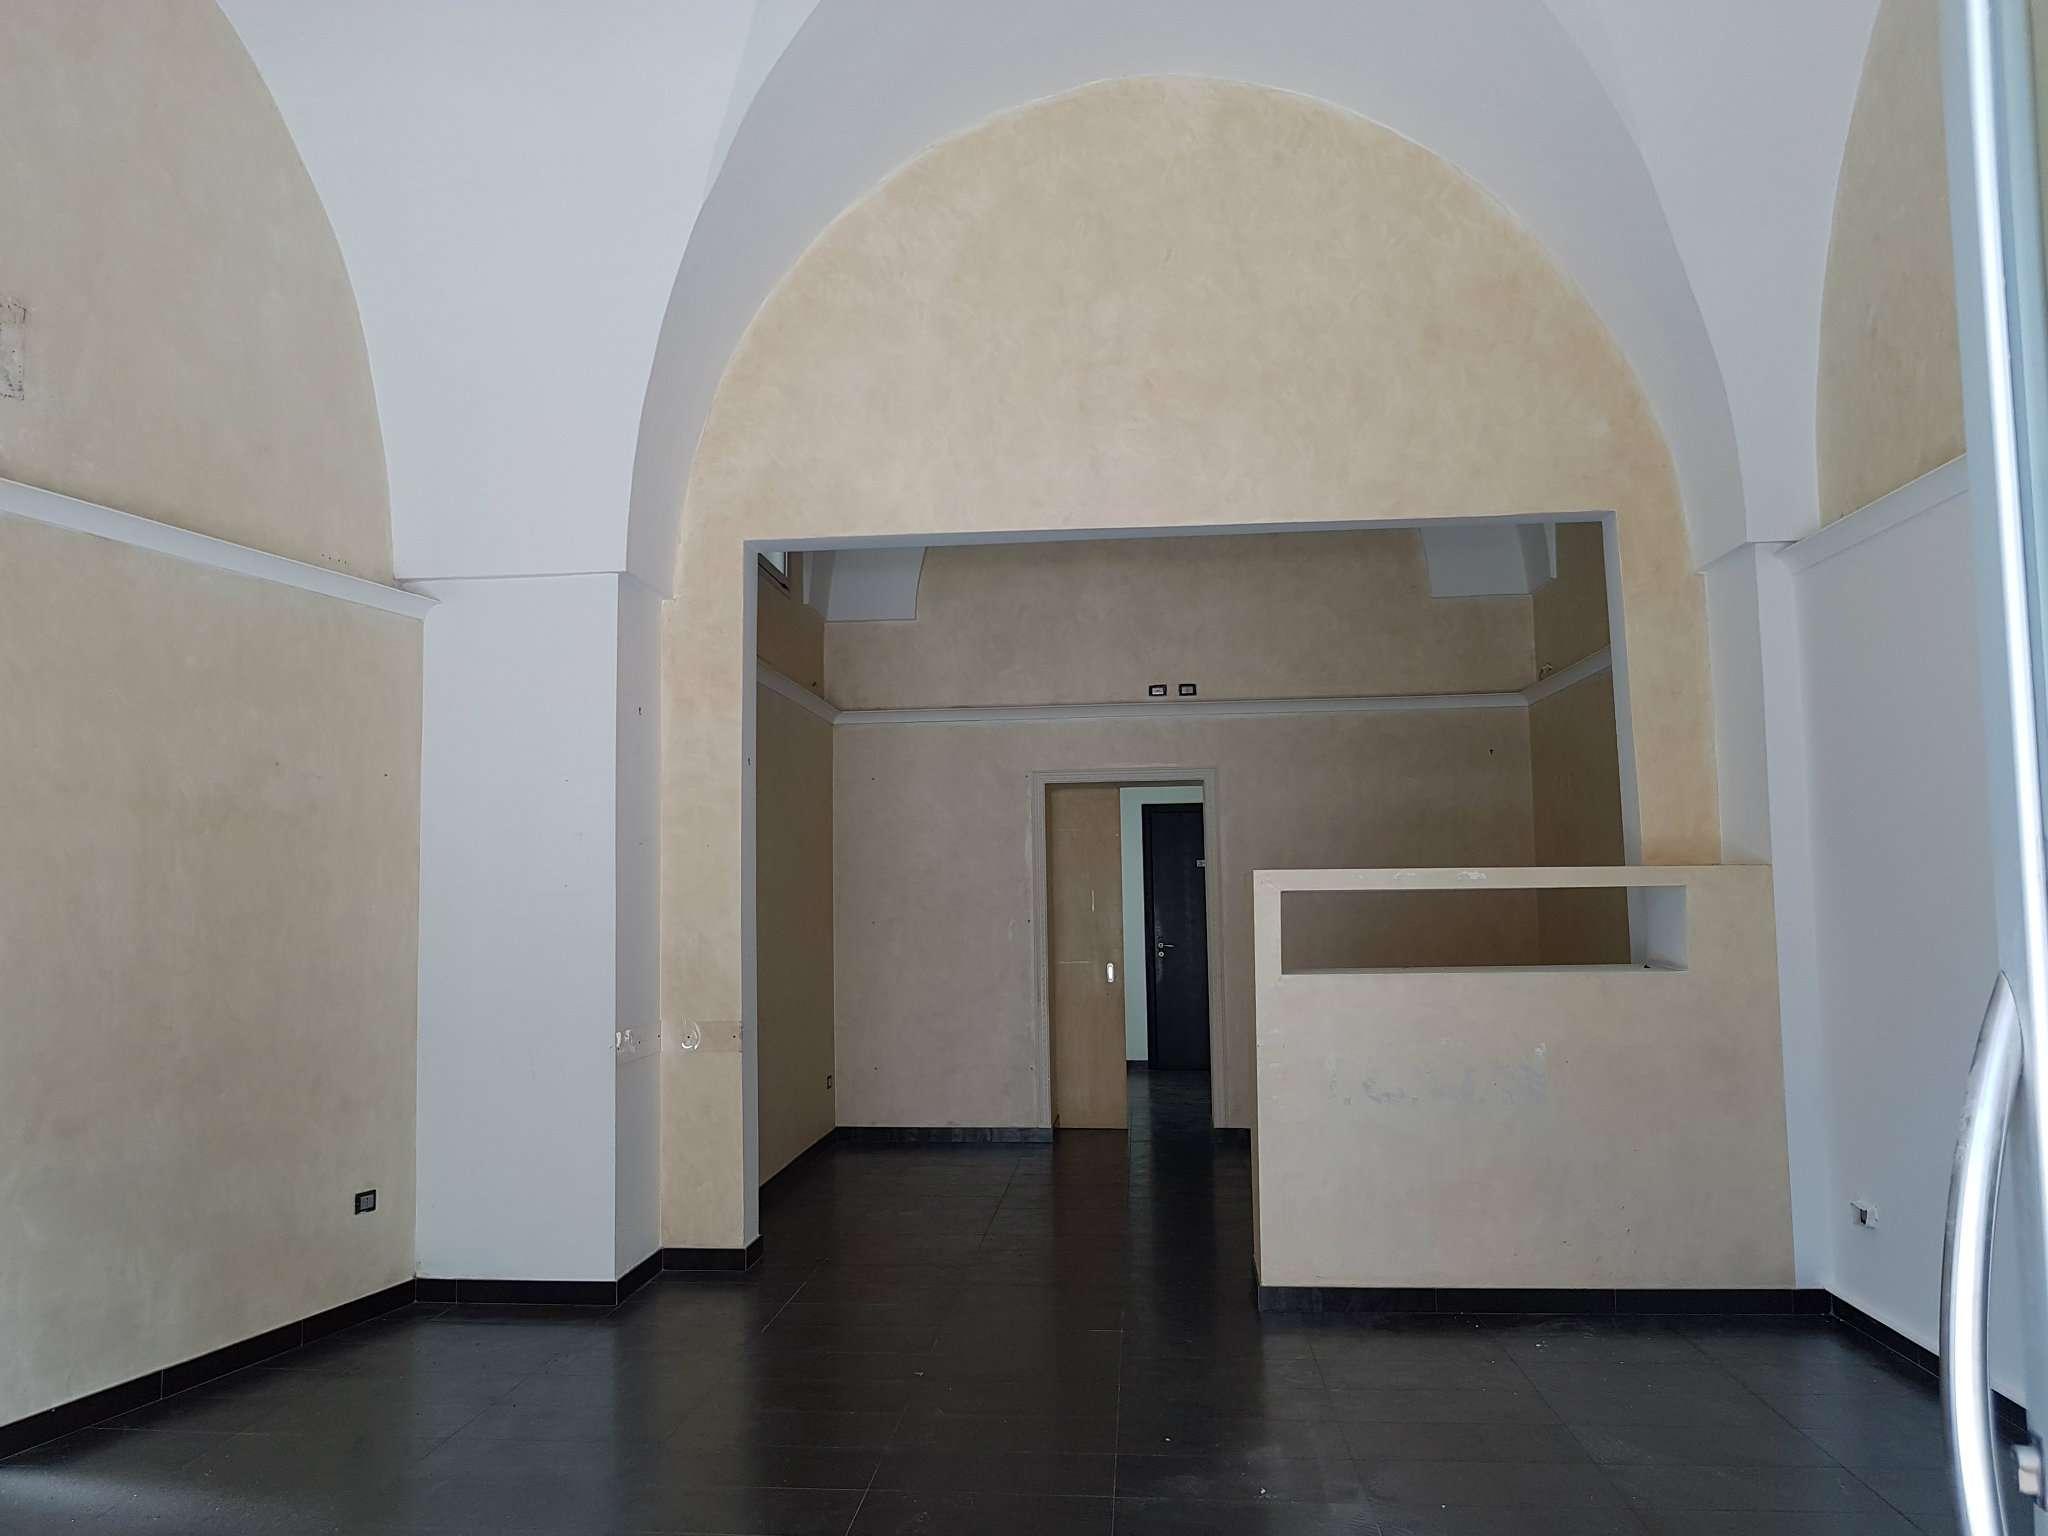 Negozio / Locale in vendita a Copertino, 2 locali, prezzo € 130.000 | CambioCasa.it